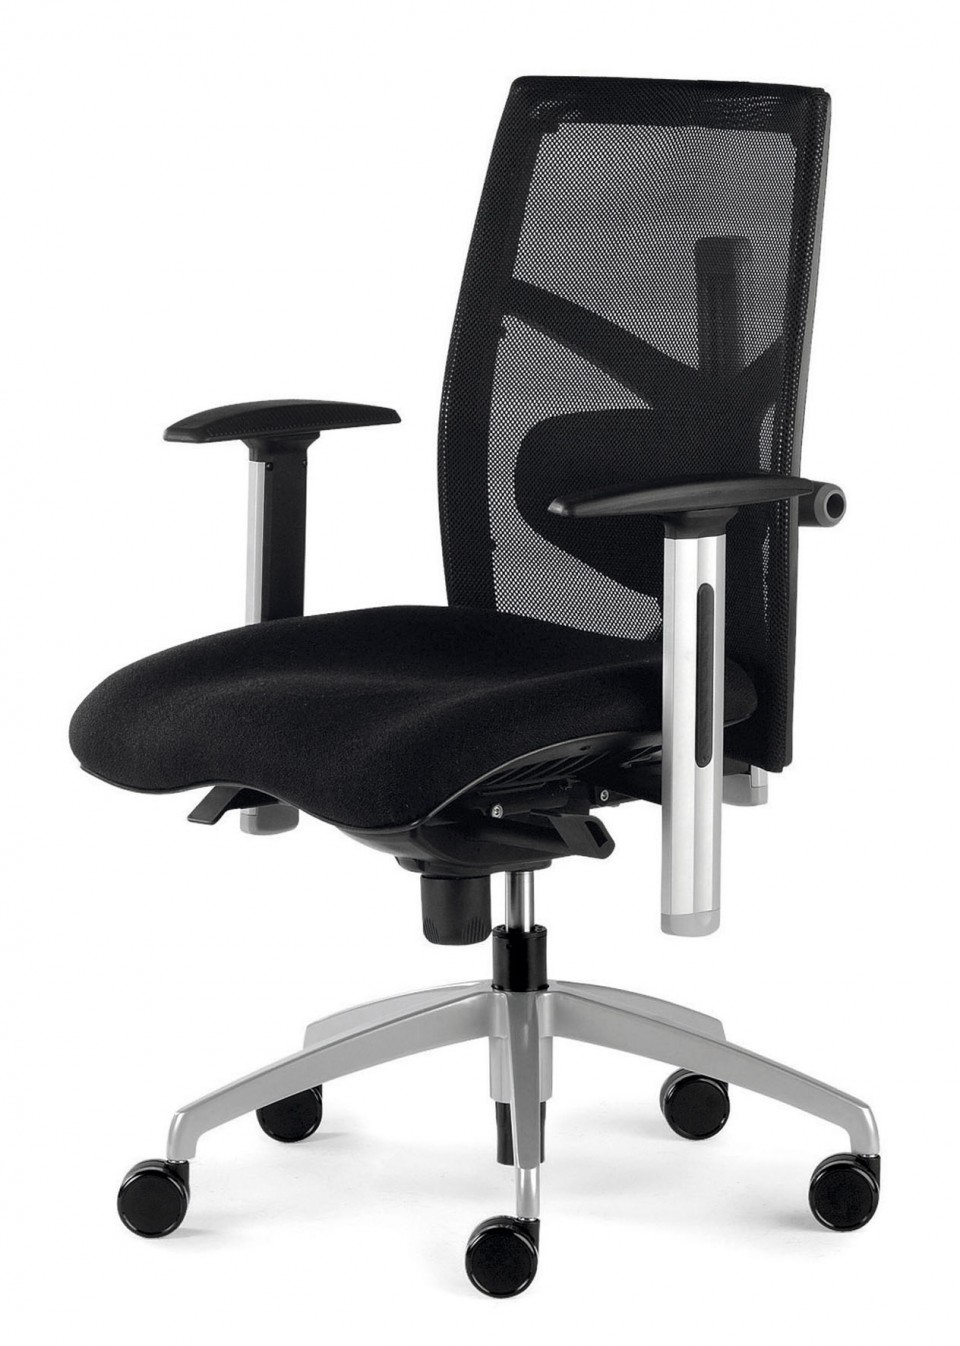 fauteuil de bureau ergonomique stern achat si ge de. Black Bedroom Furniture Sets. Home Design Ideas